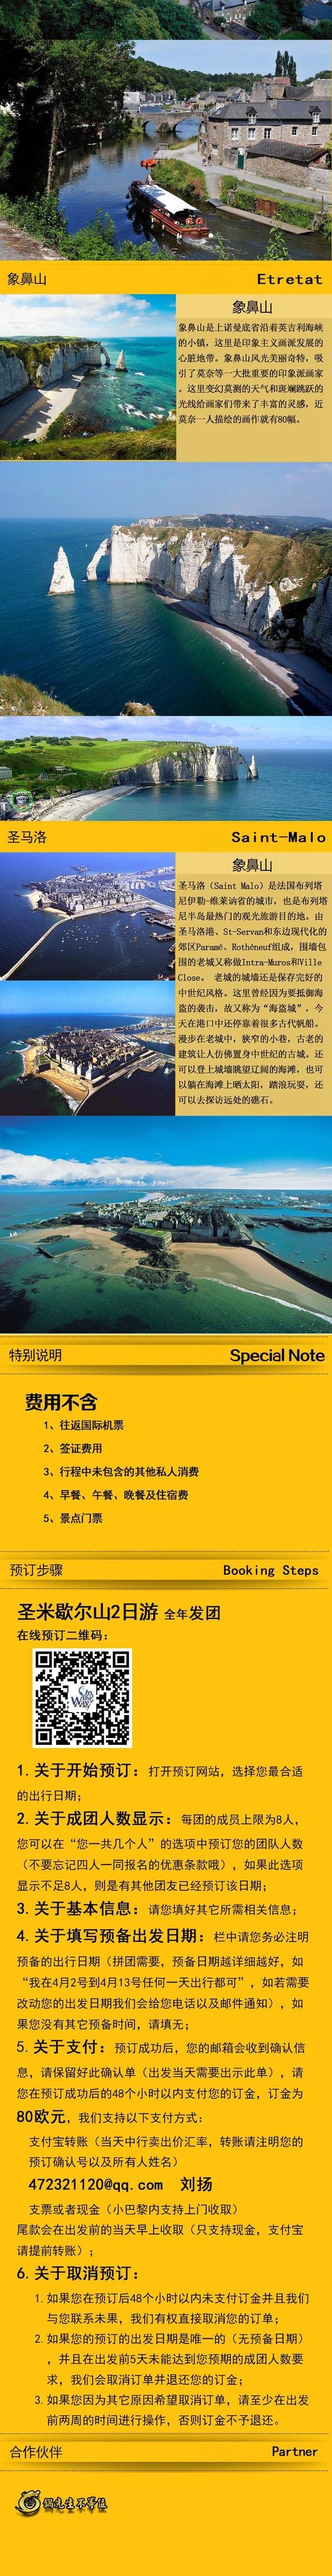 圣米歇尔山2日游_01x00.jpg